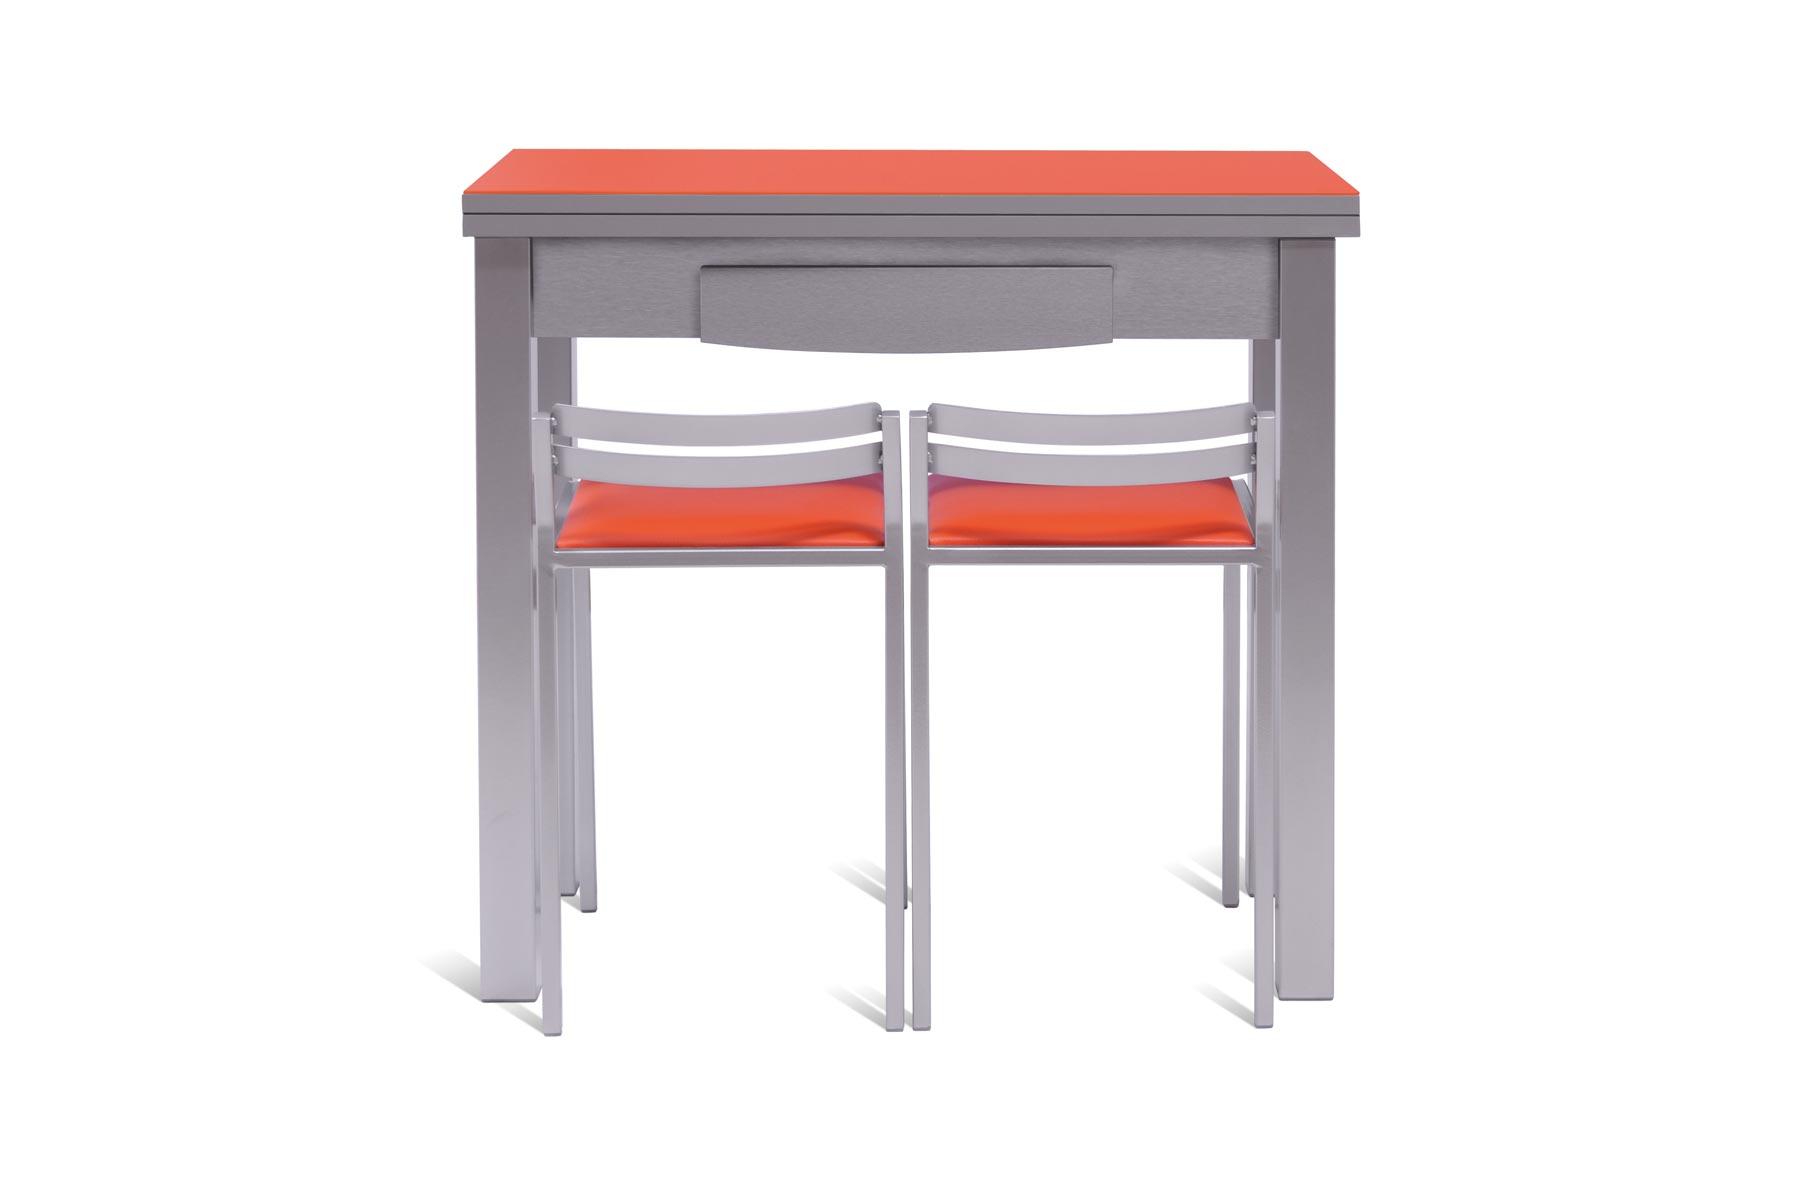 Mesa de cocina peque a y extensible - Mesas de cocina pequenas ikea ...